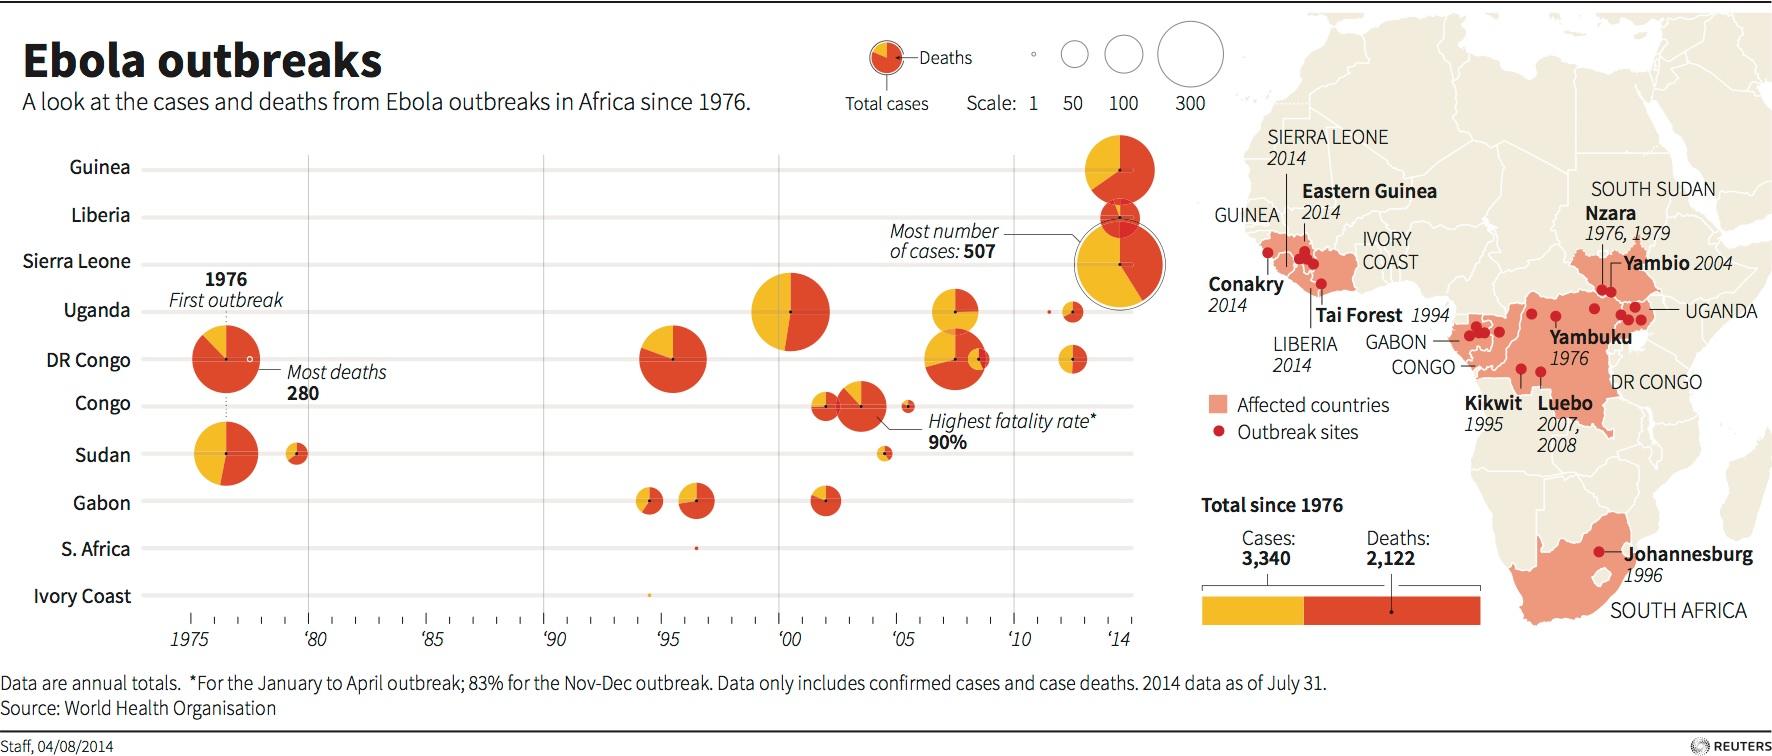 Evolución de los brotes de ébolsa en Afirica